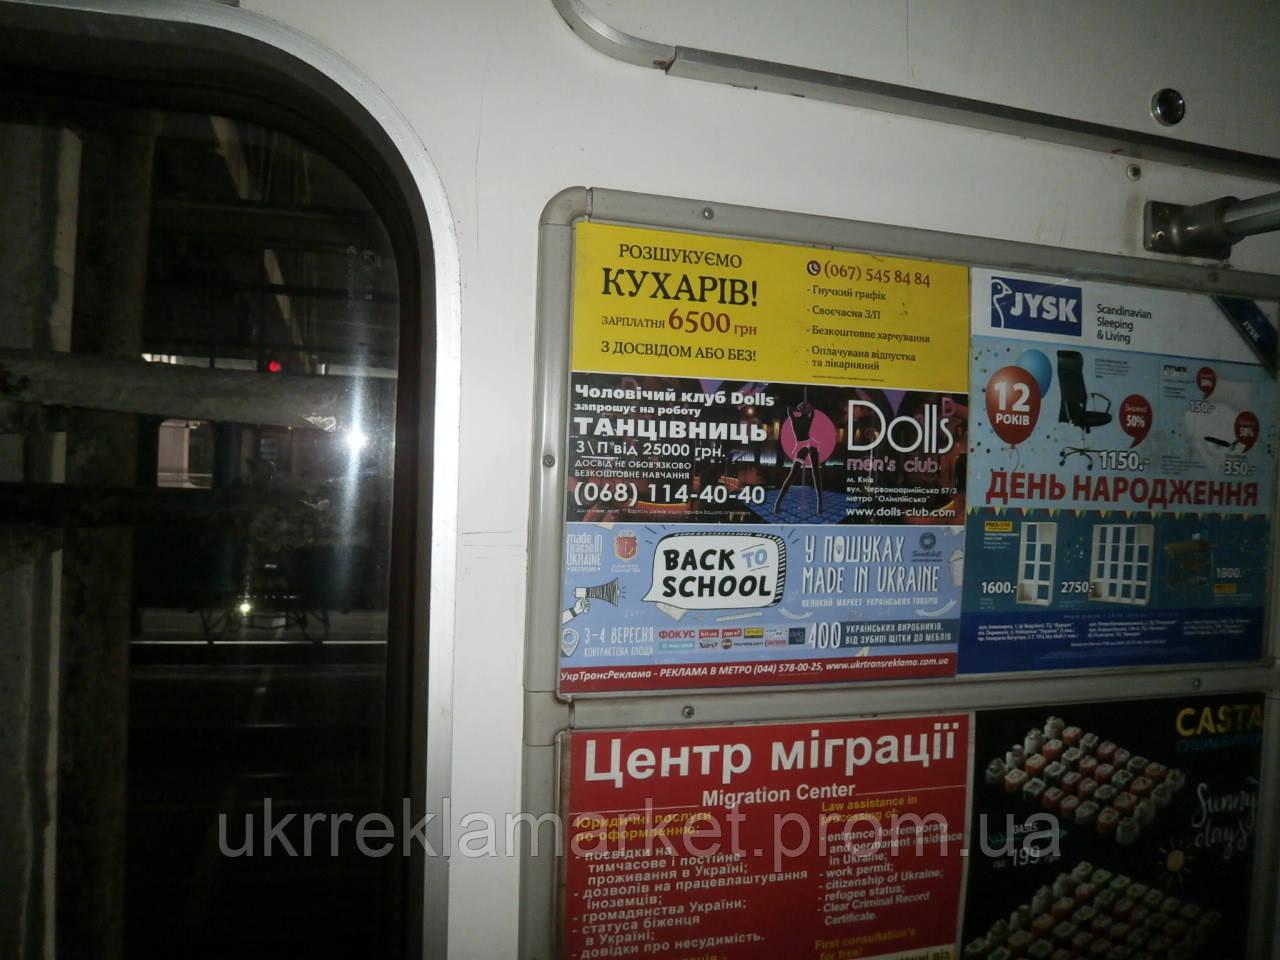 Реклама в вагонах метро Днепропетровск - «Ukrmarket» - группа компаний в  Киеве 70e55978d33